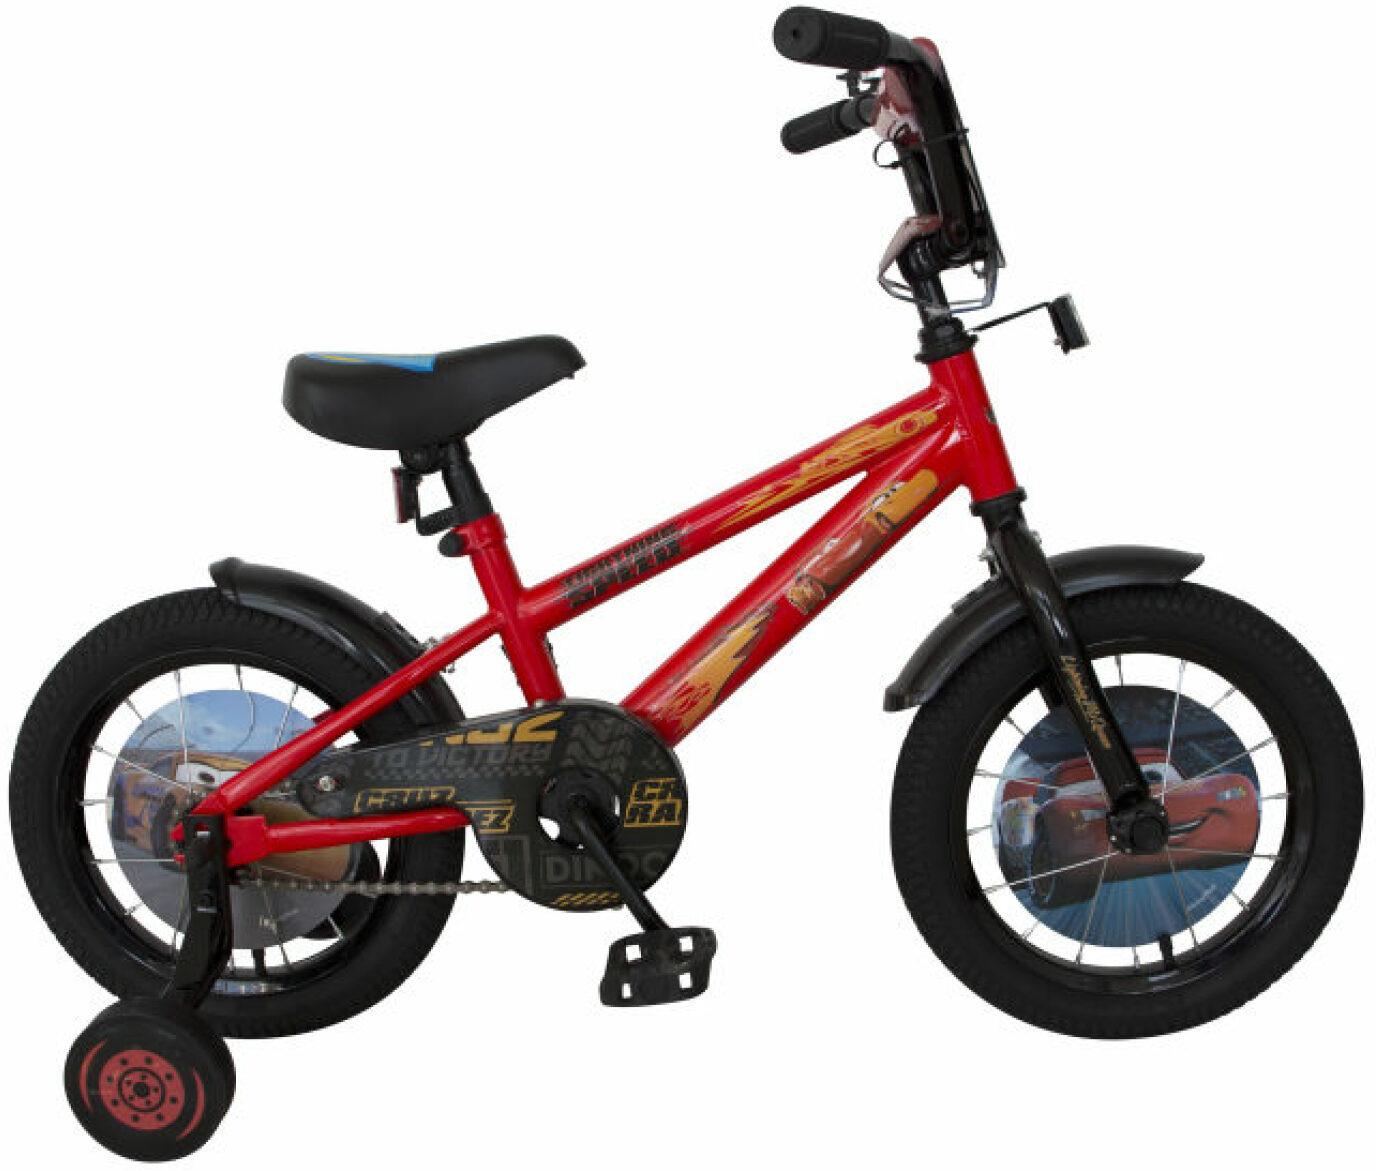 Велосипед детский Disney Тачки, ВН14184, черный, красный, колесо 14